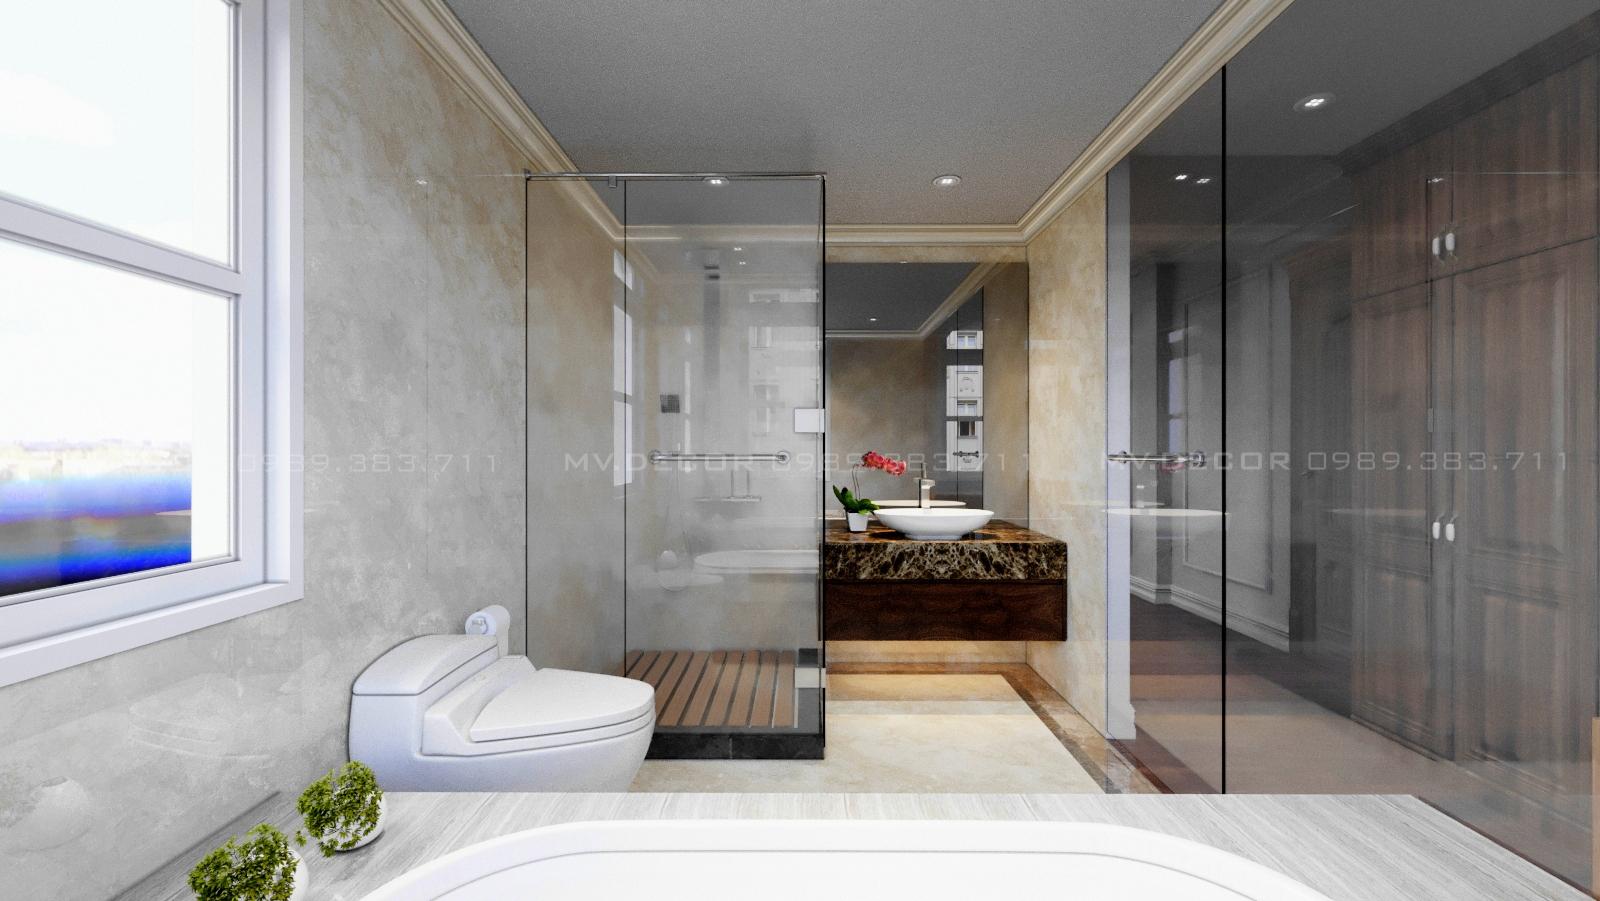 thiết kế nội thất Biệt Thự tại Hải Phòng BT VINHOME HẢI PHÒNG 20 1562719452